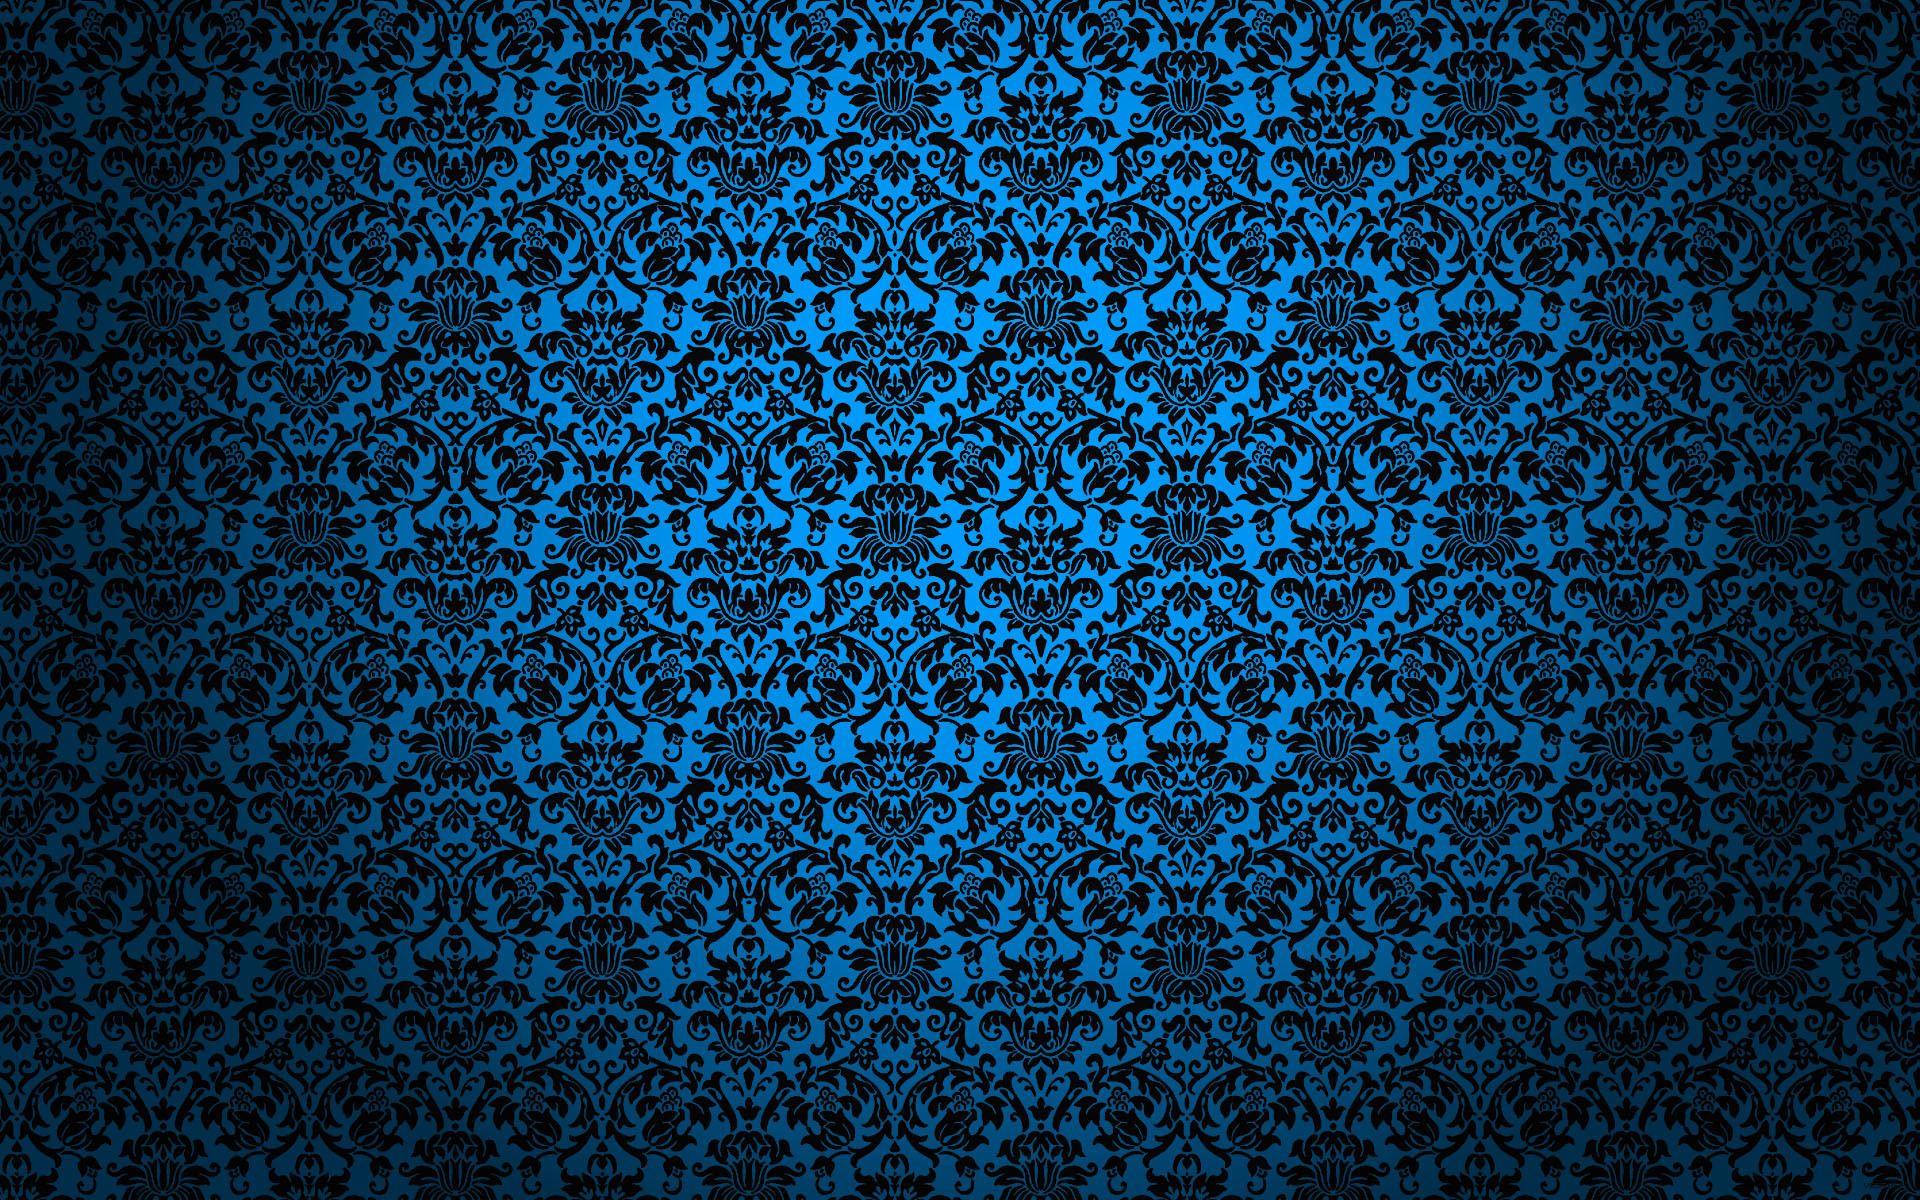 Background  Textured Wallpaper Textured Background X Wallpaper Anaglypta Wallpaper Pattern Wallpaper